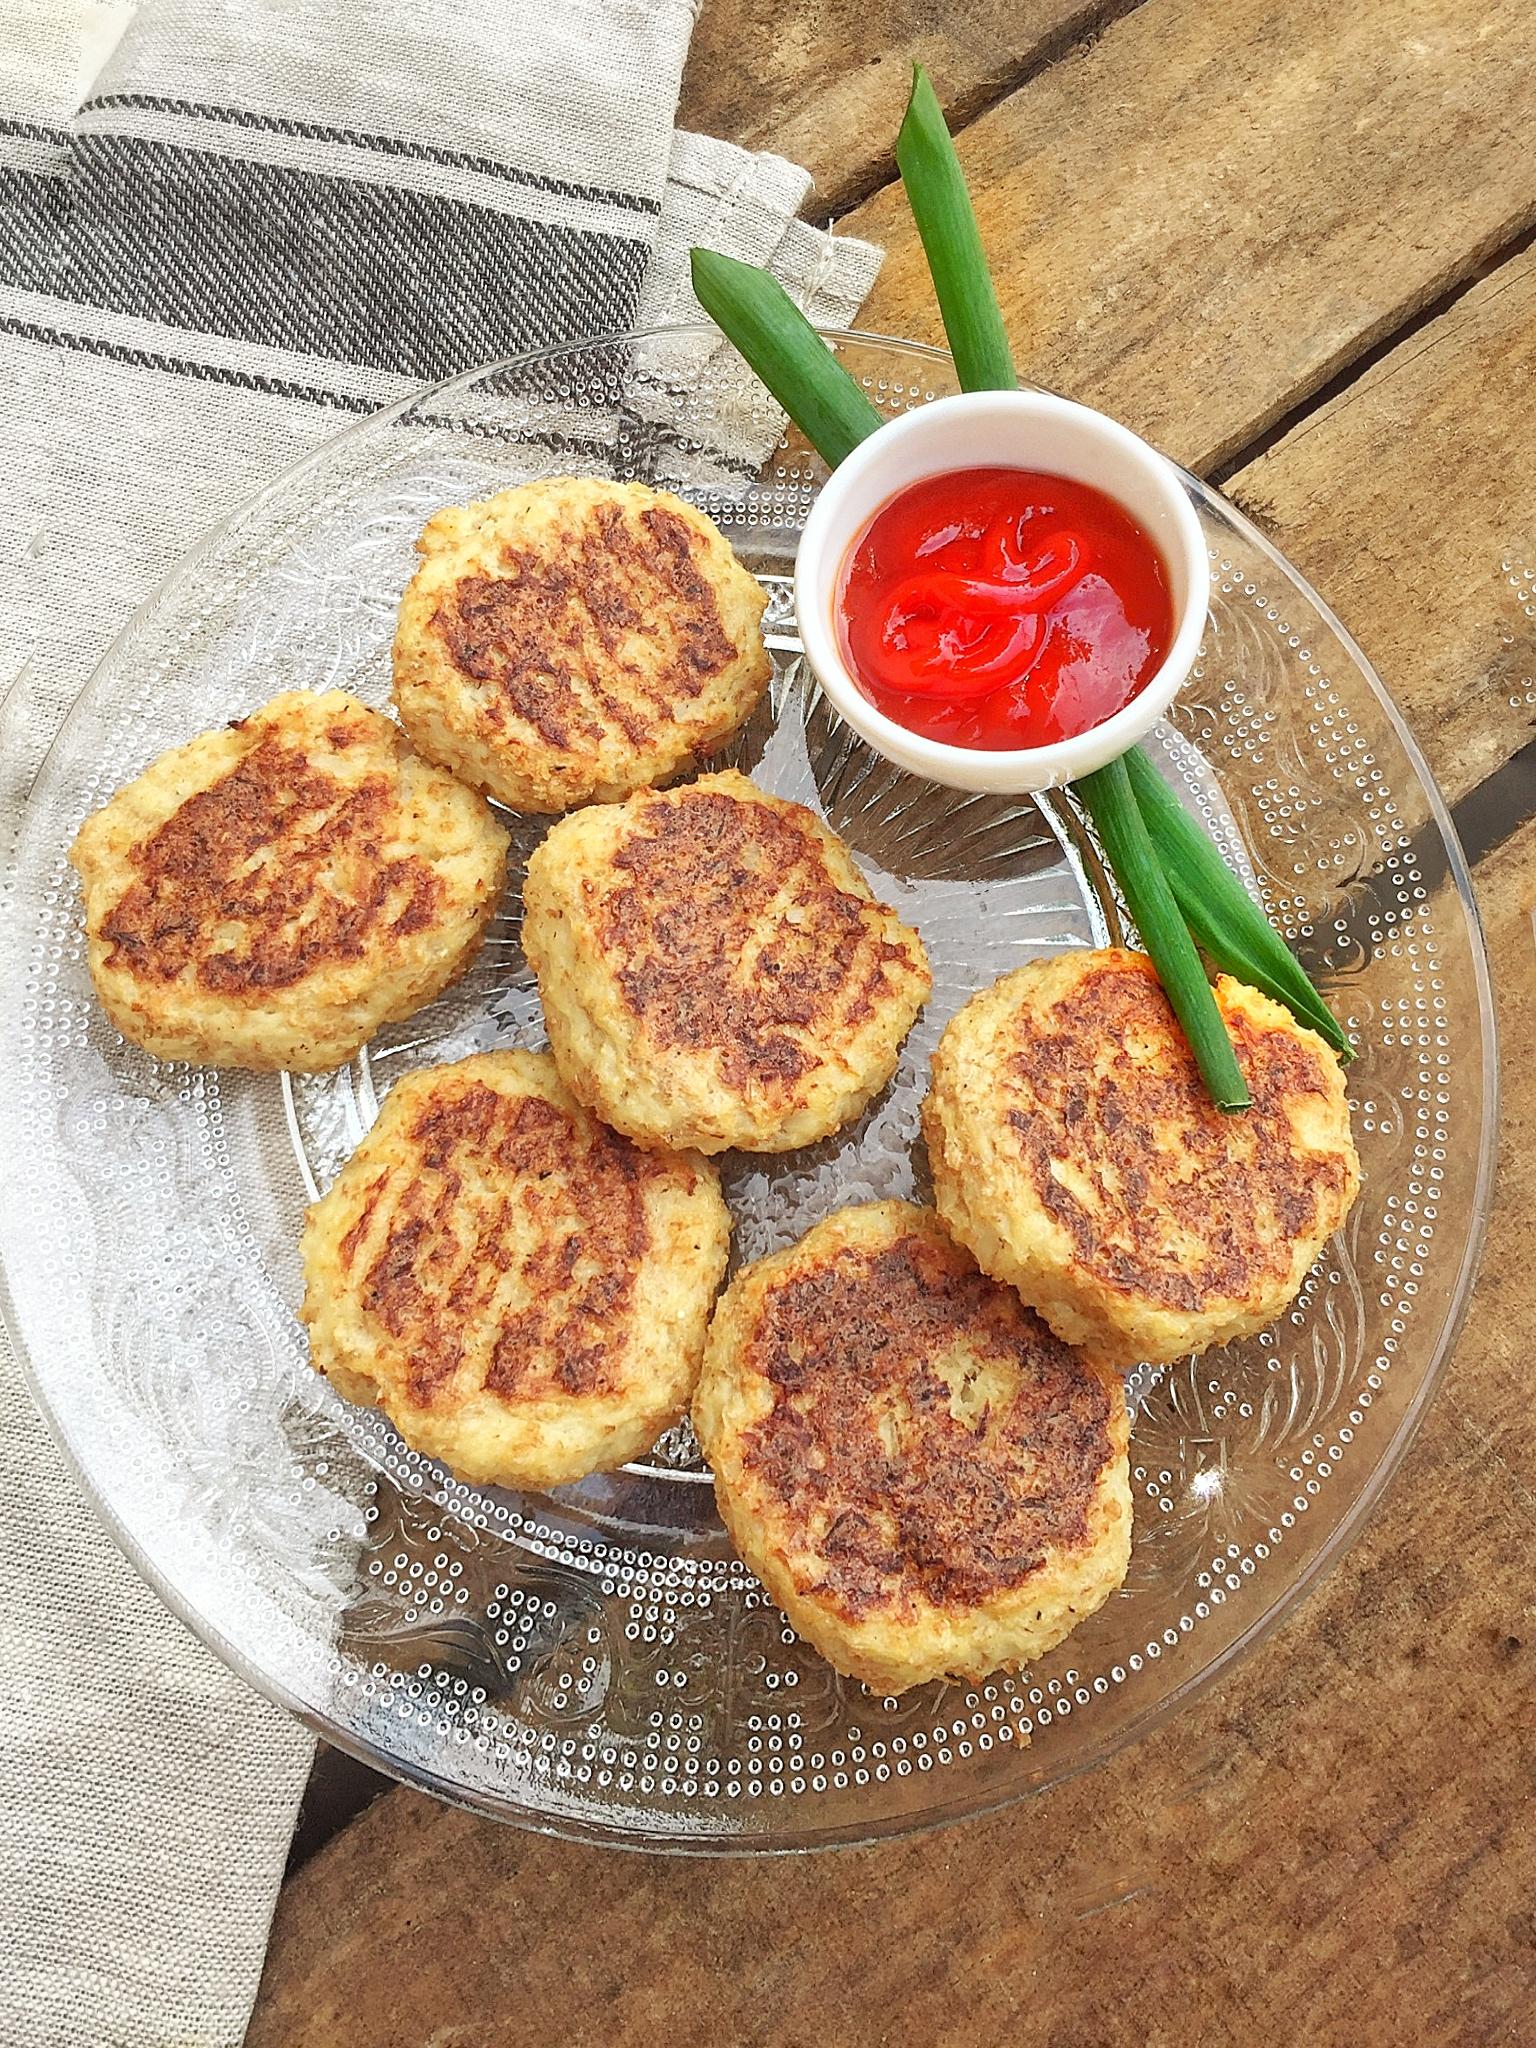 Croquette de chou-fleur au parmesan